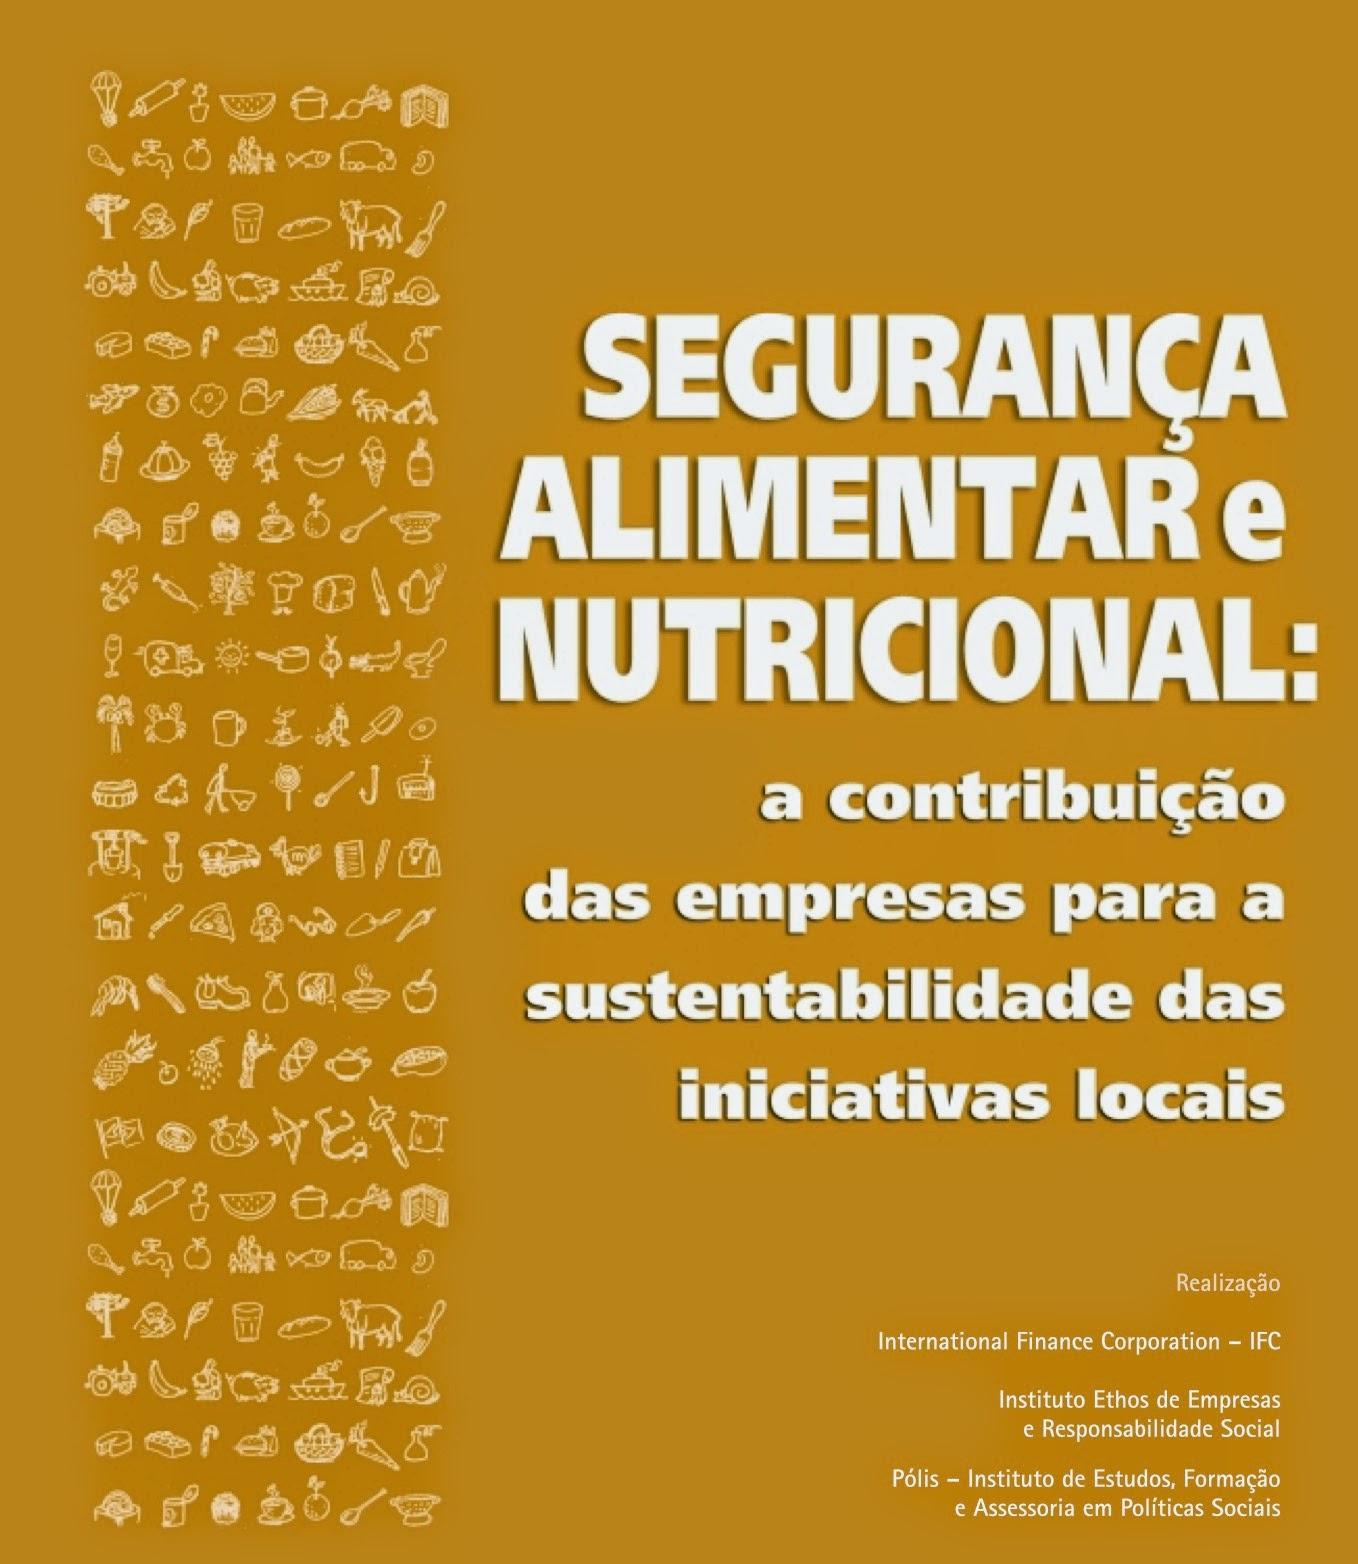 Segurança alimentar e nutricional: a contrib das empresas para a sustentab das iniciativas locais